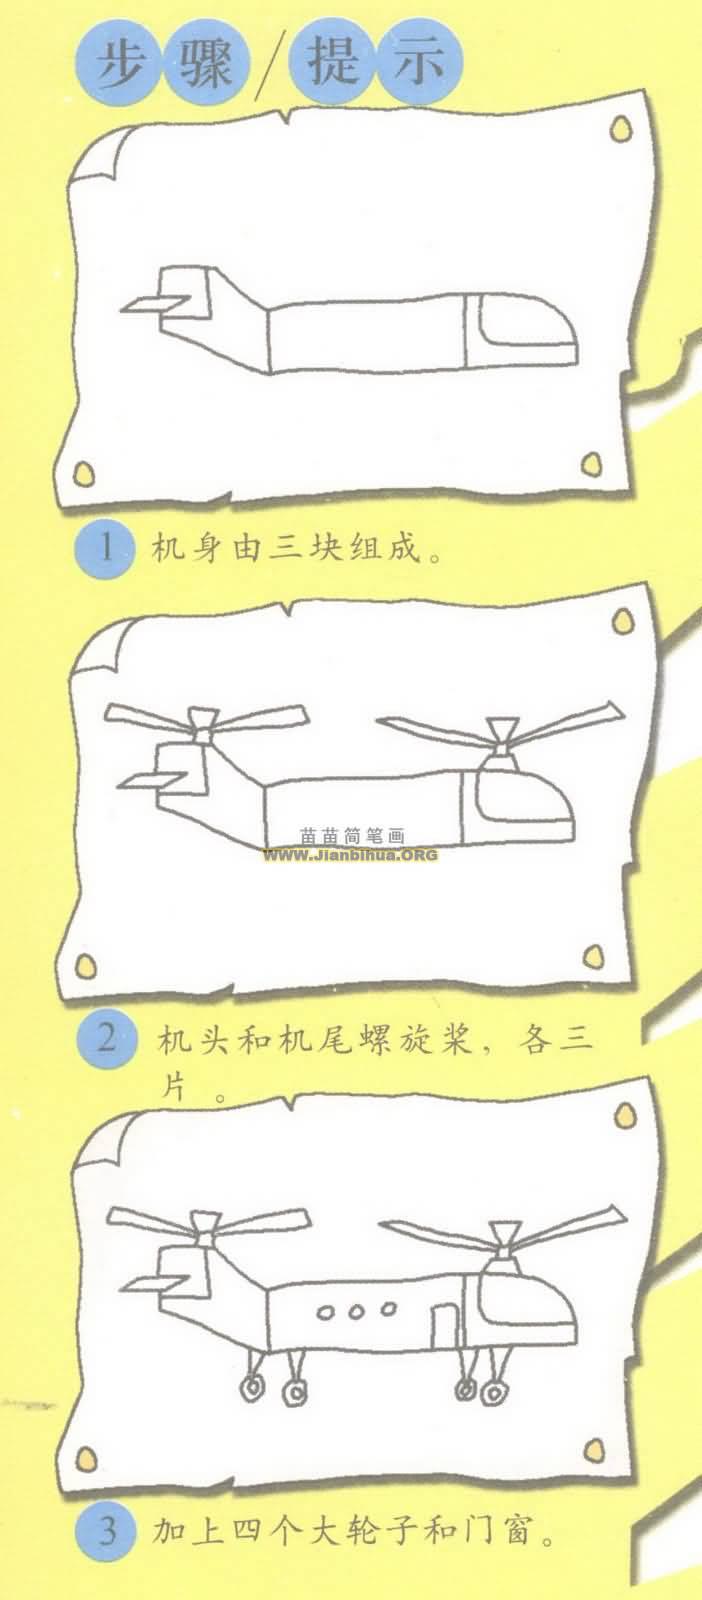 直升机简笔画画法步骤